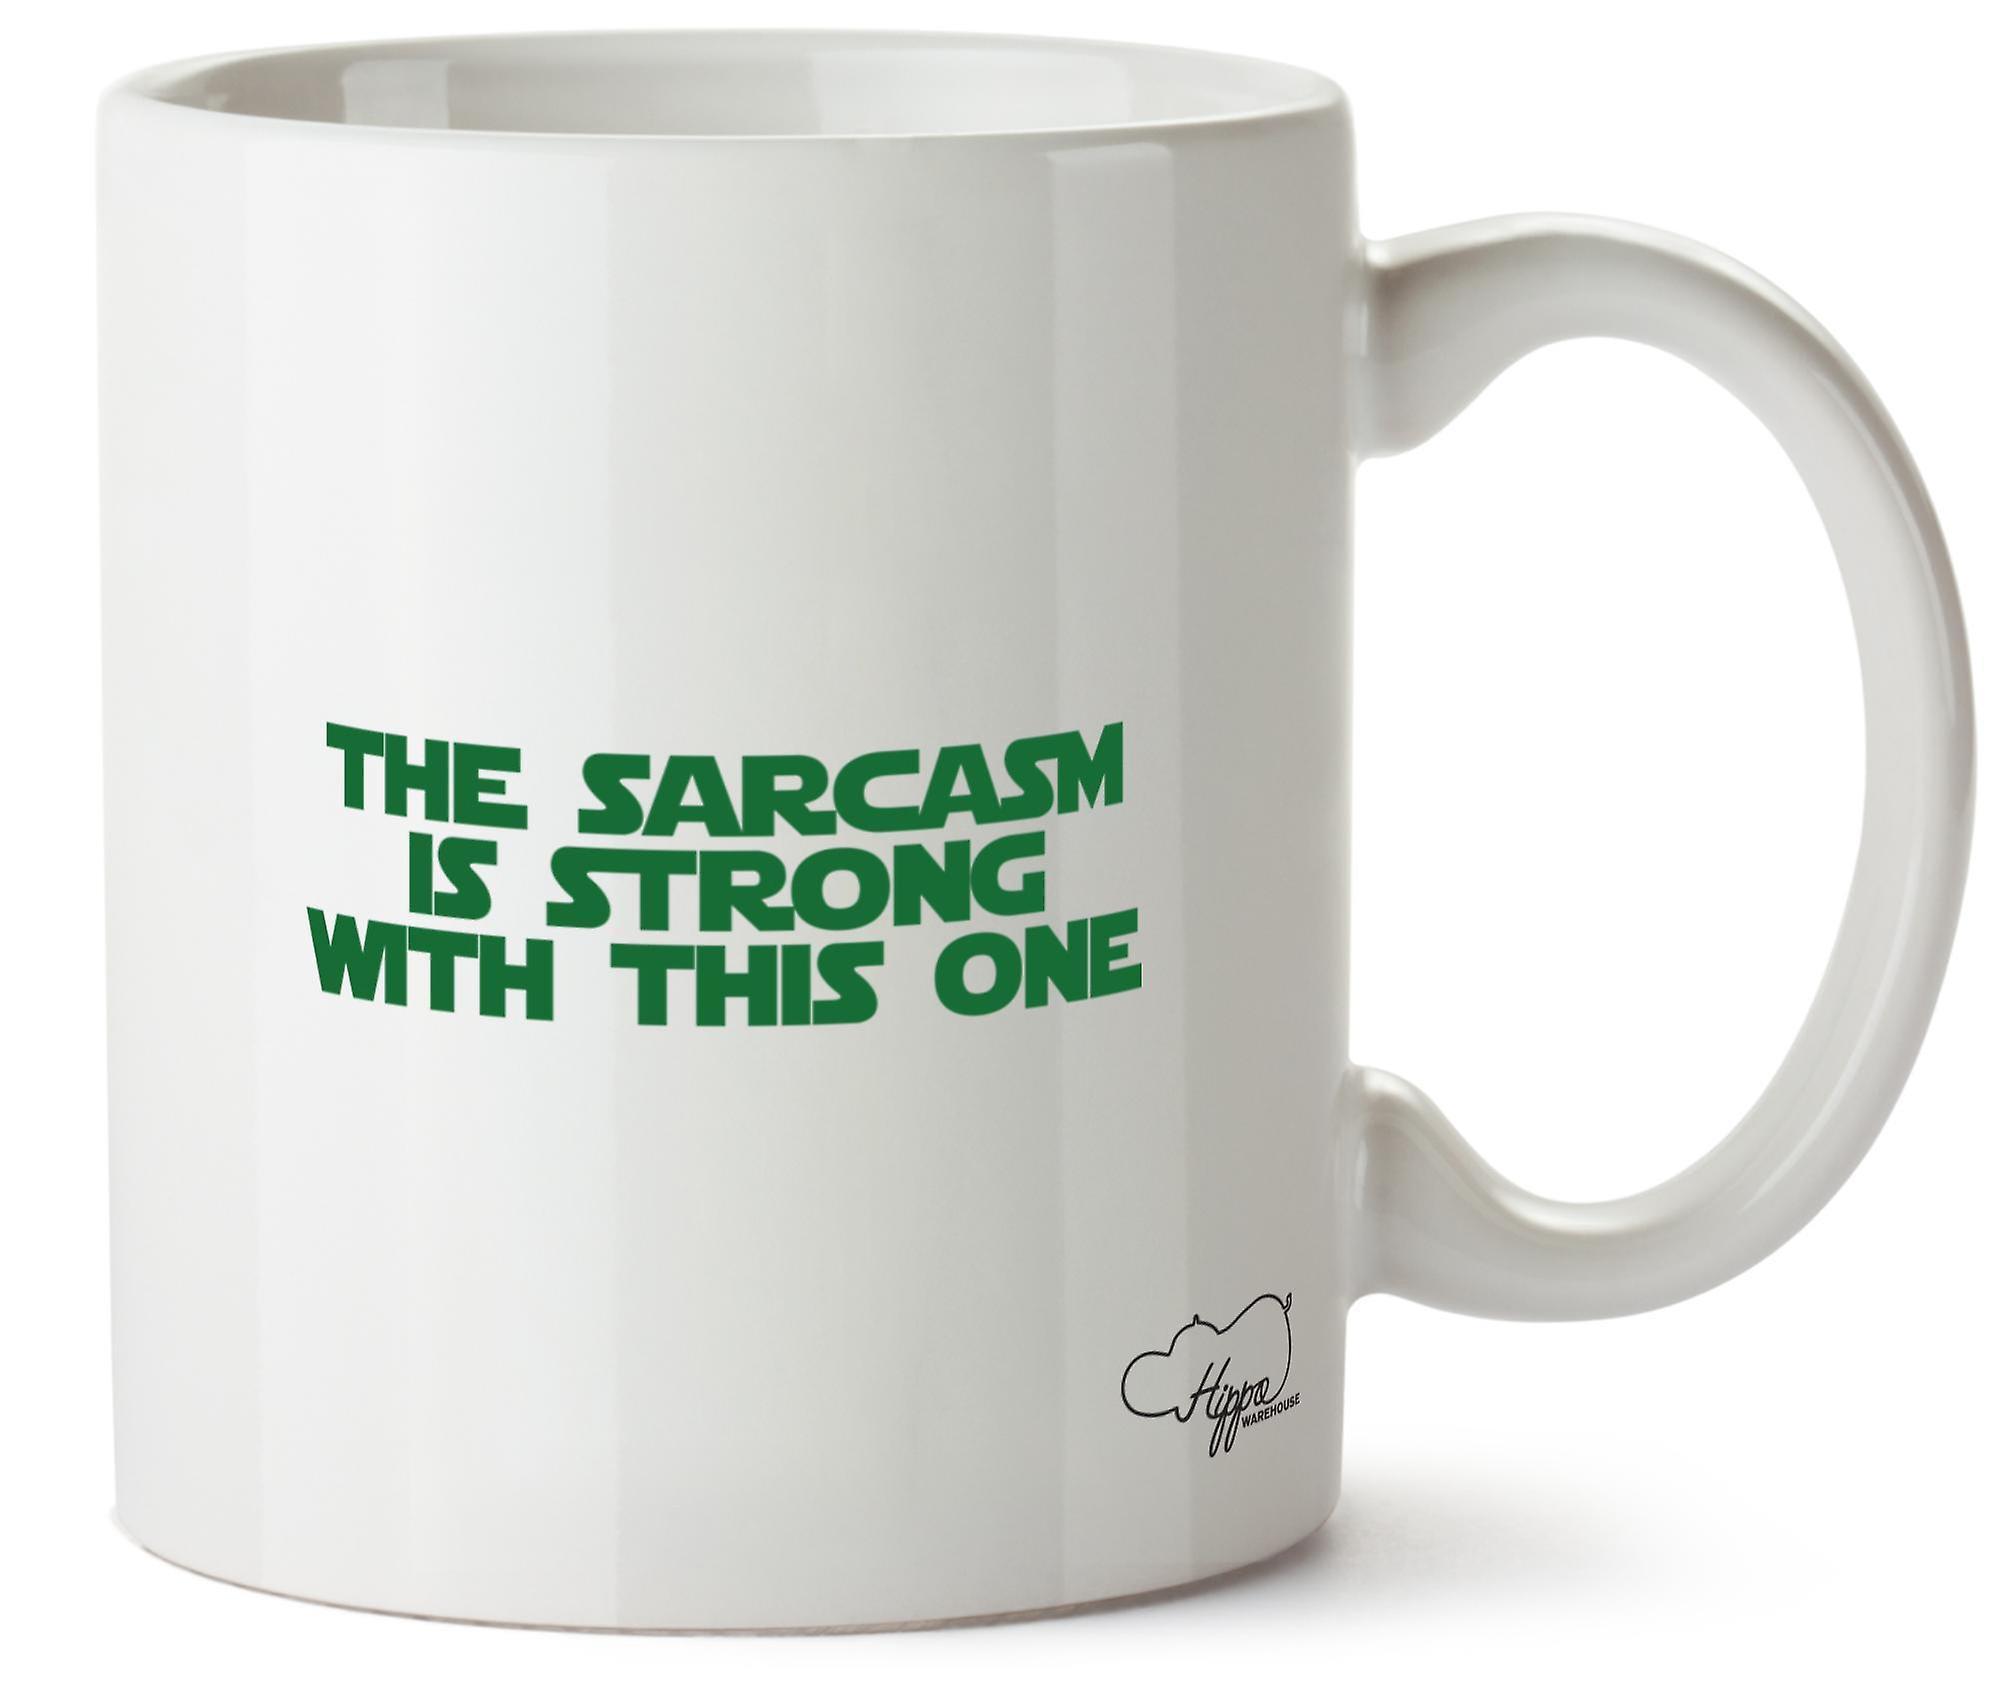 Hippowarehouse сарказм сильна с этой одной печатной кружка Кубок керамической 10oz